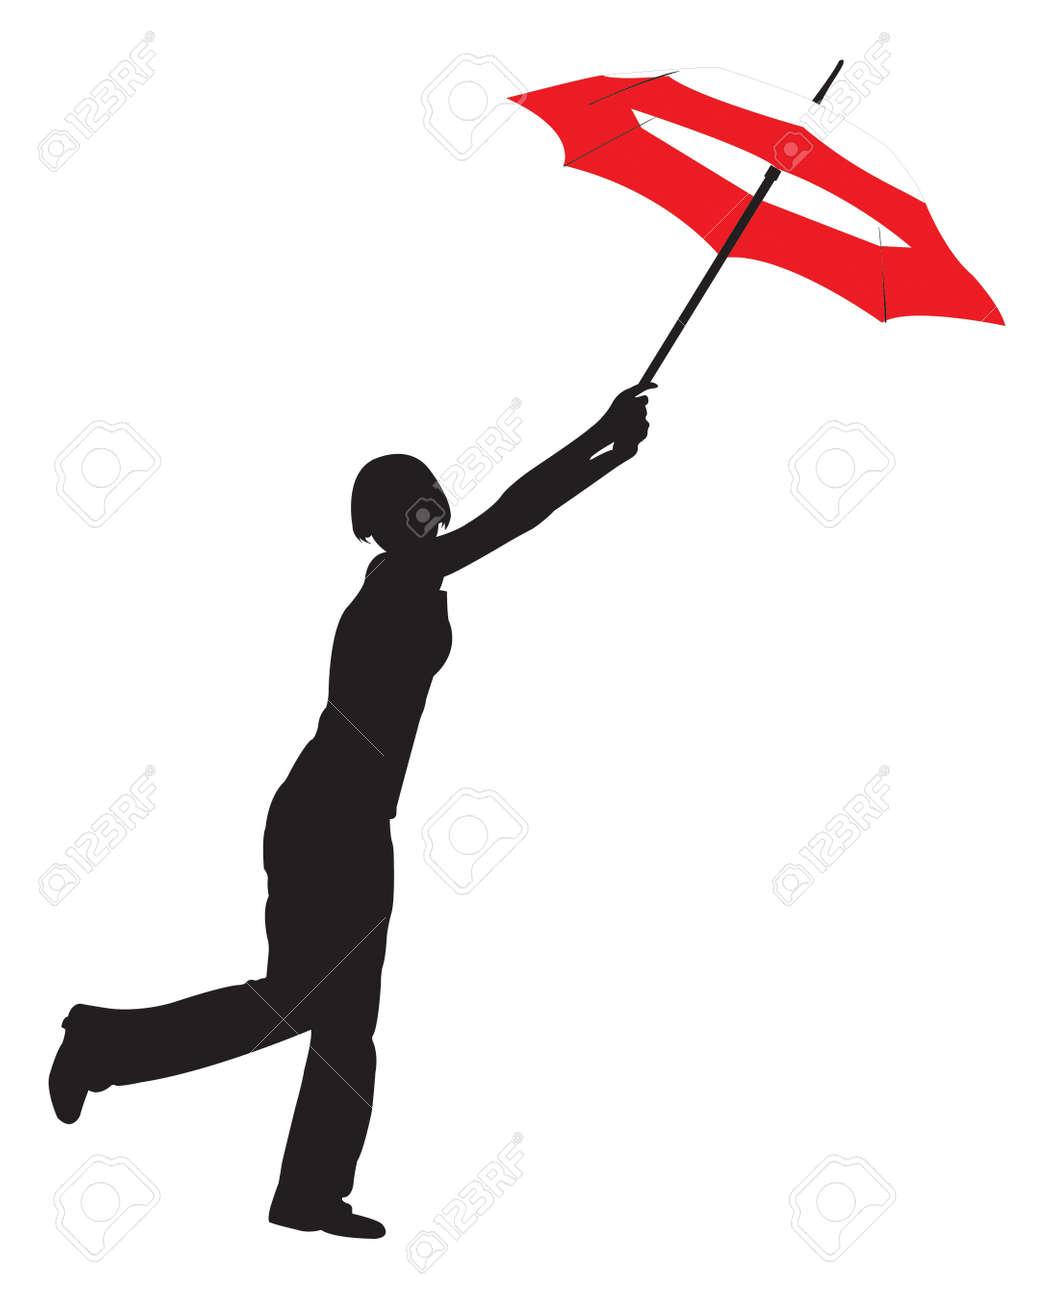 Silhouette Der Jungen Mädchen Mit Schirm Lizenzfrei Nutzbare